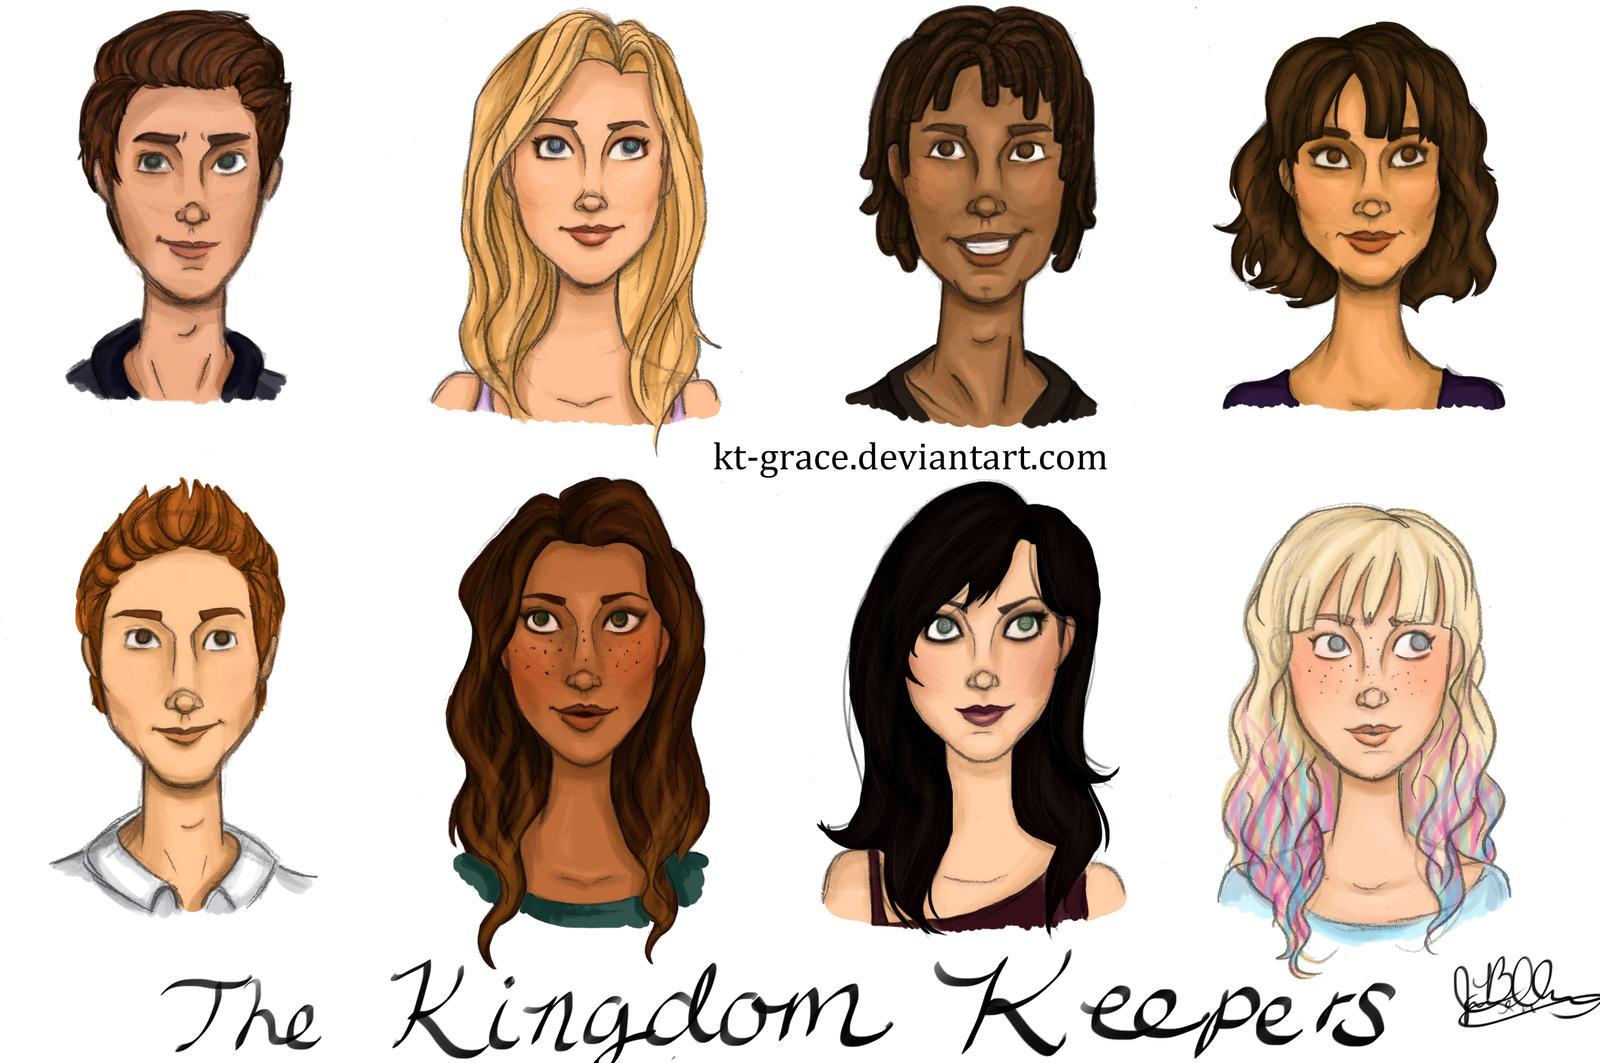 Kingdom Keepers Characters The Kingdom Kee...